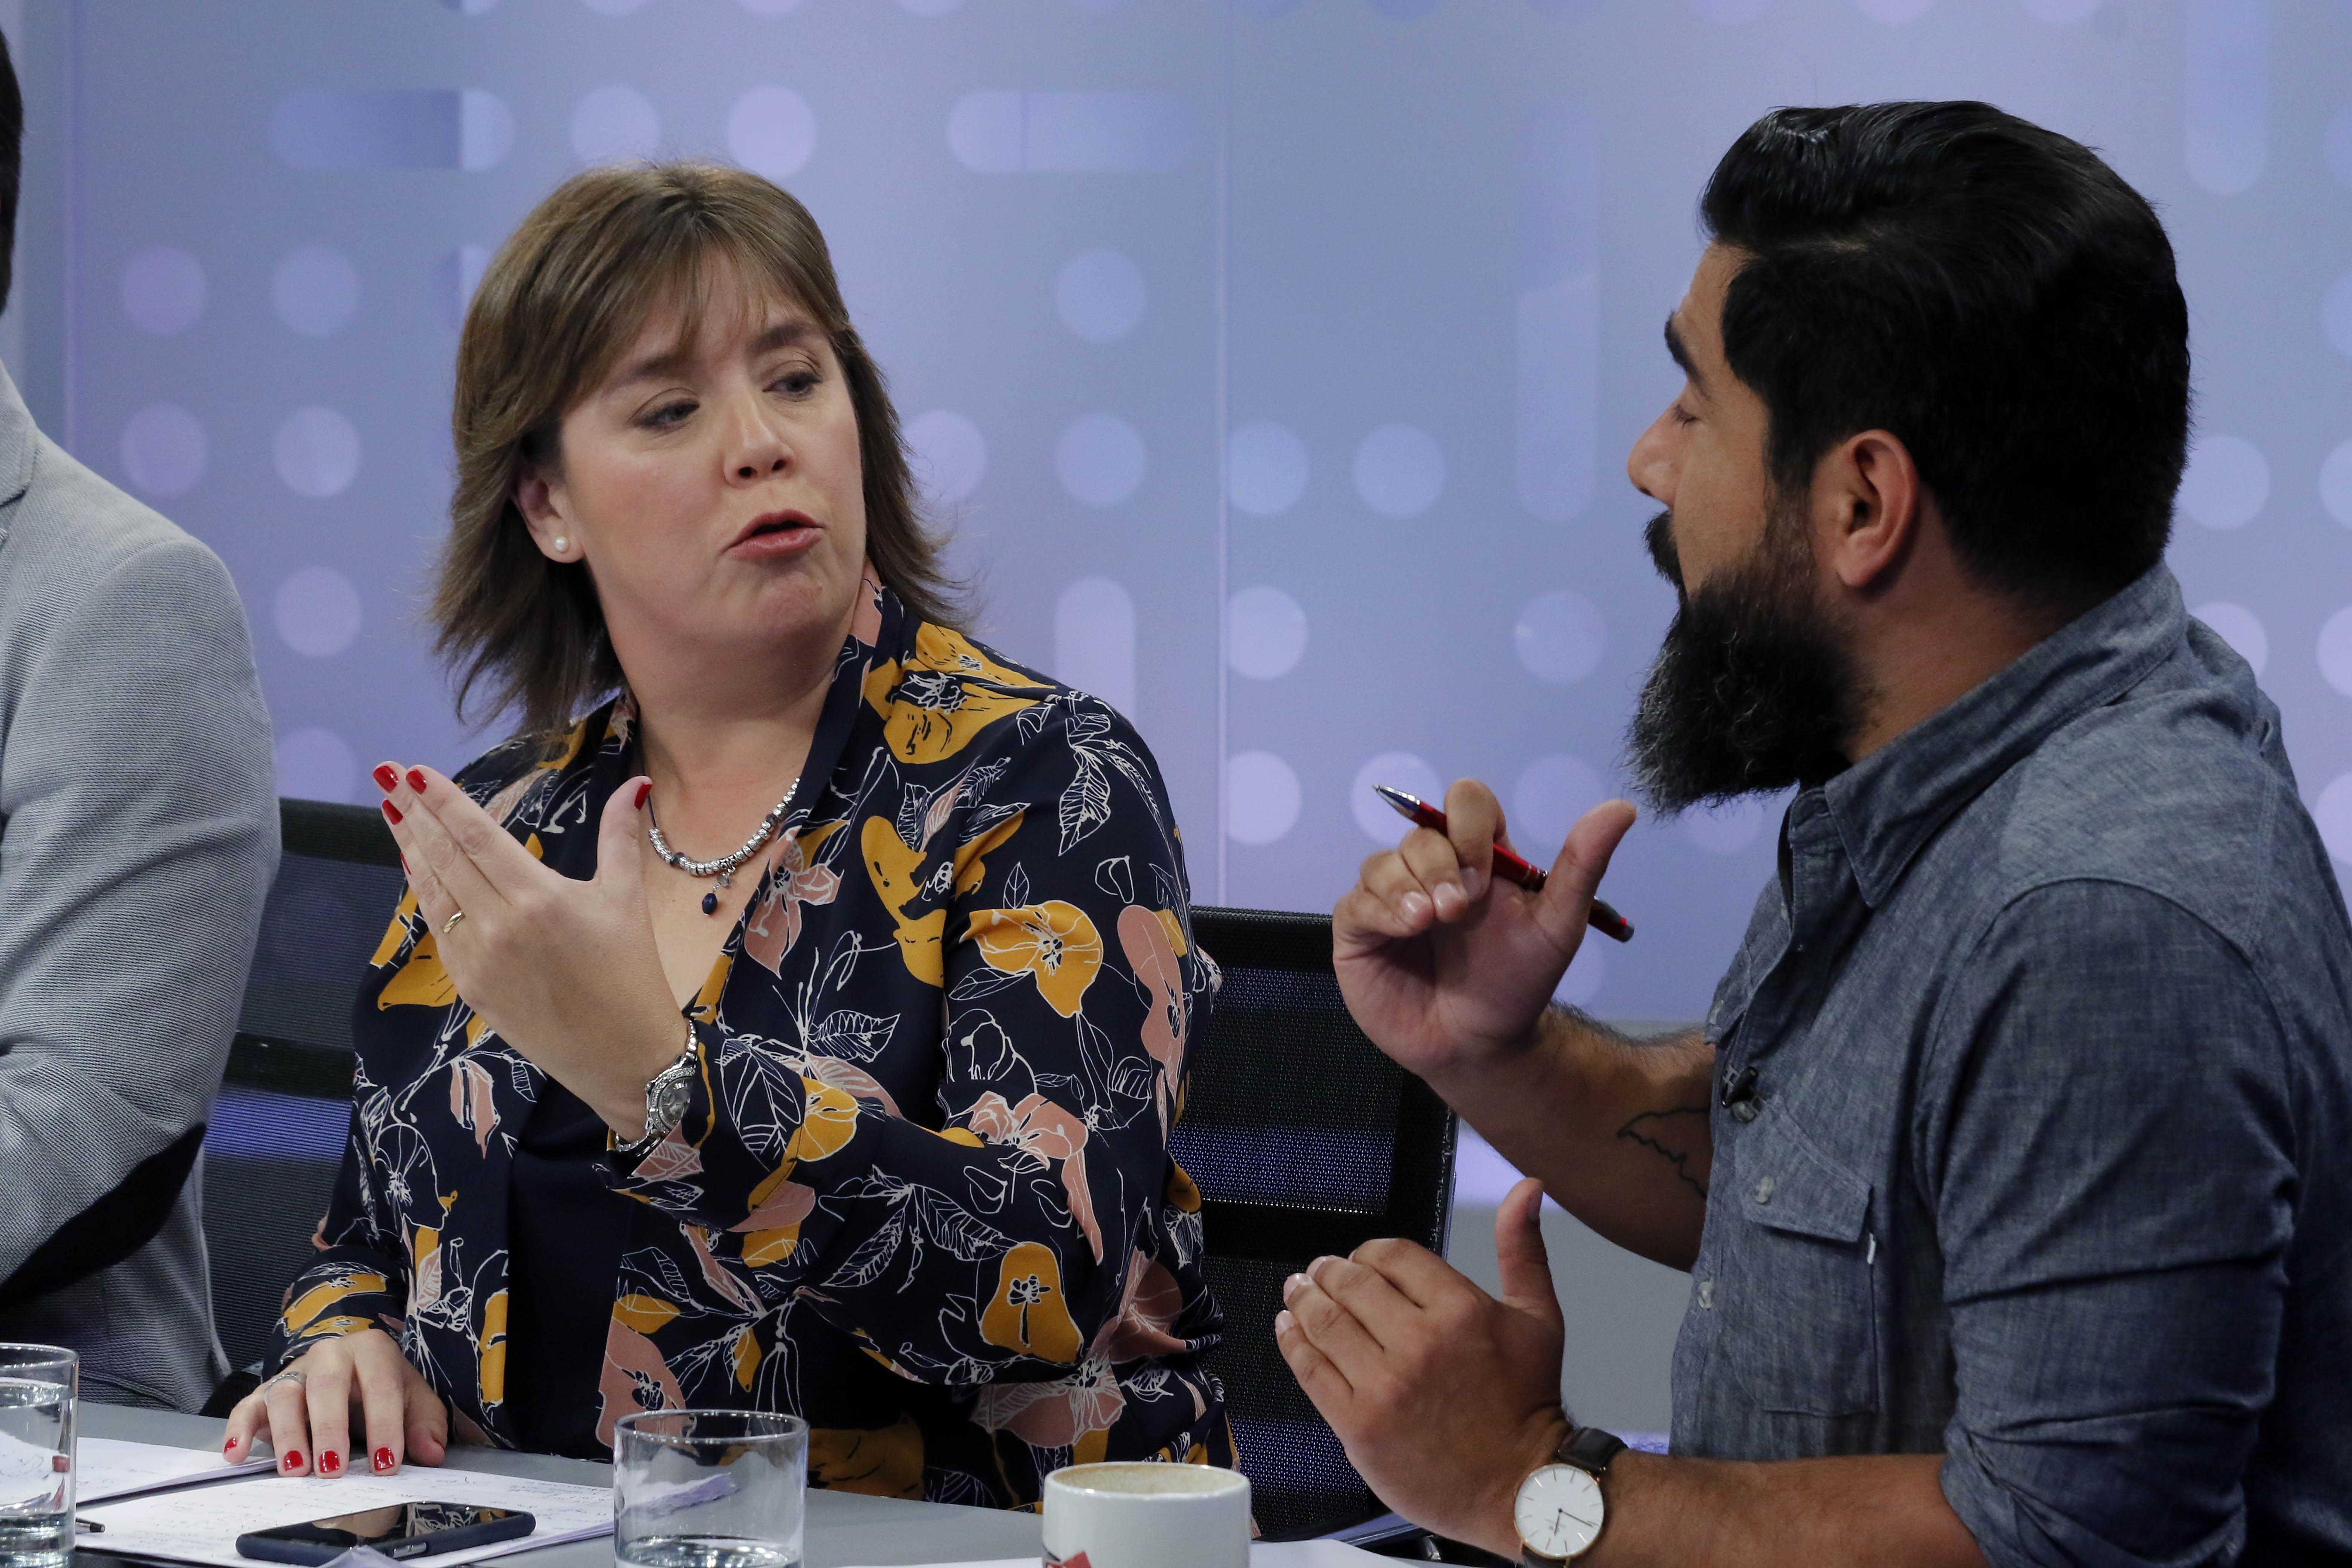 """""""VIDEO   Panelista de TVN y ex ministra de Piñera entrega su argumento para poner en duda la adopción homoparental"""""""